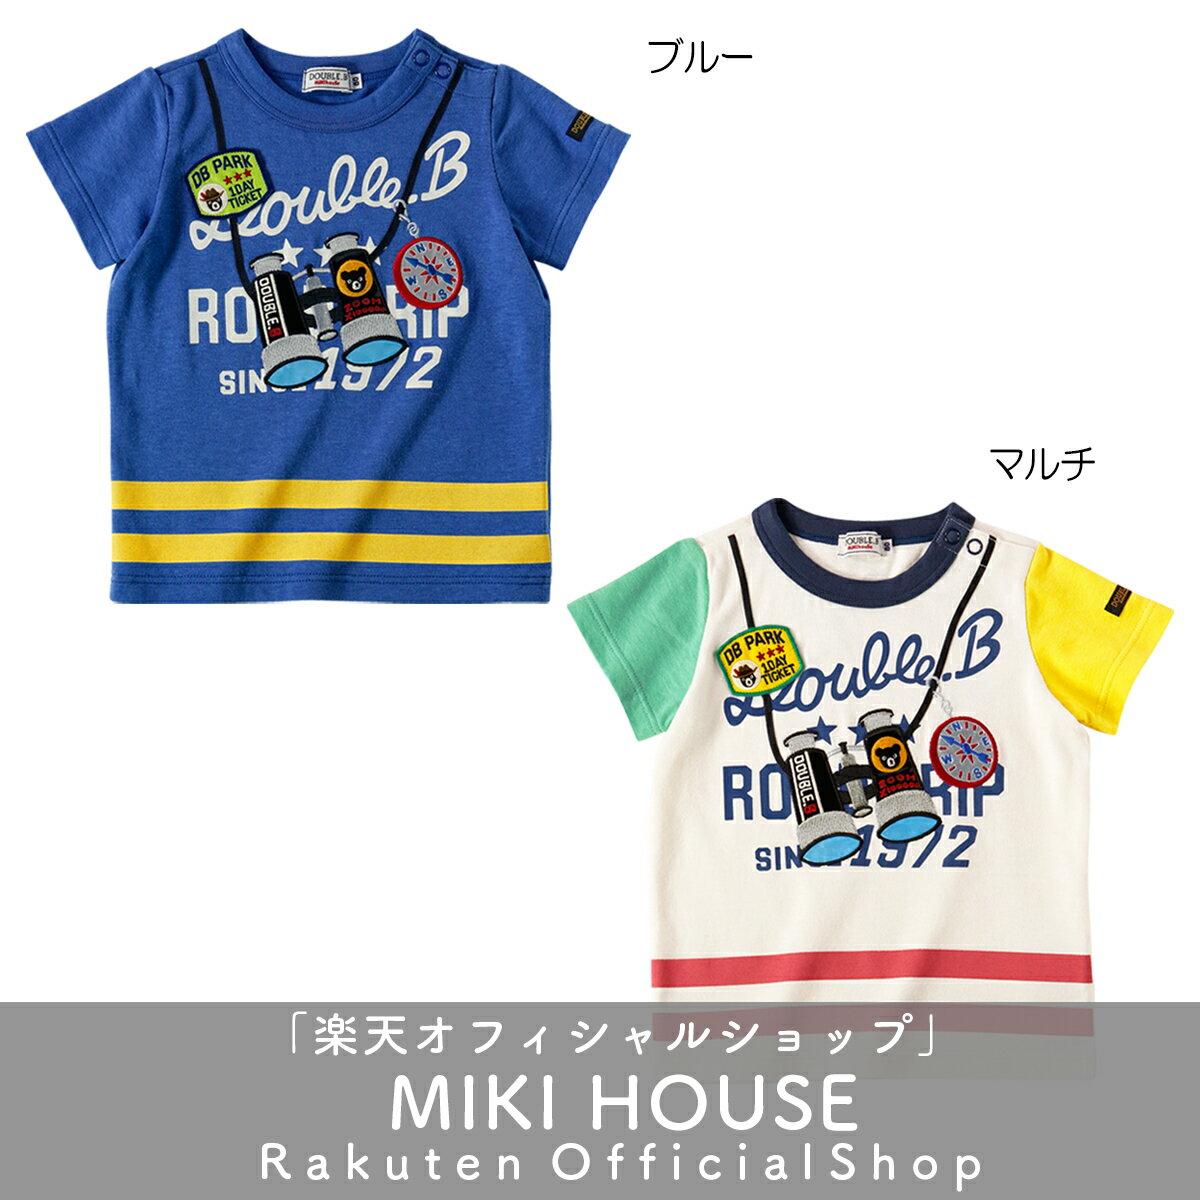 【セール】ミキハウス ダブルビー mikihouse 双眼鏡モチーフの半袖Tシャツ(100cm・110cm)